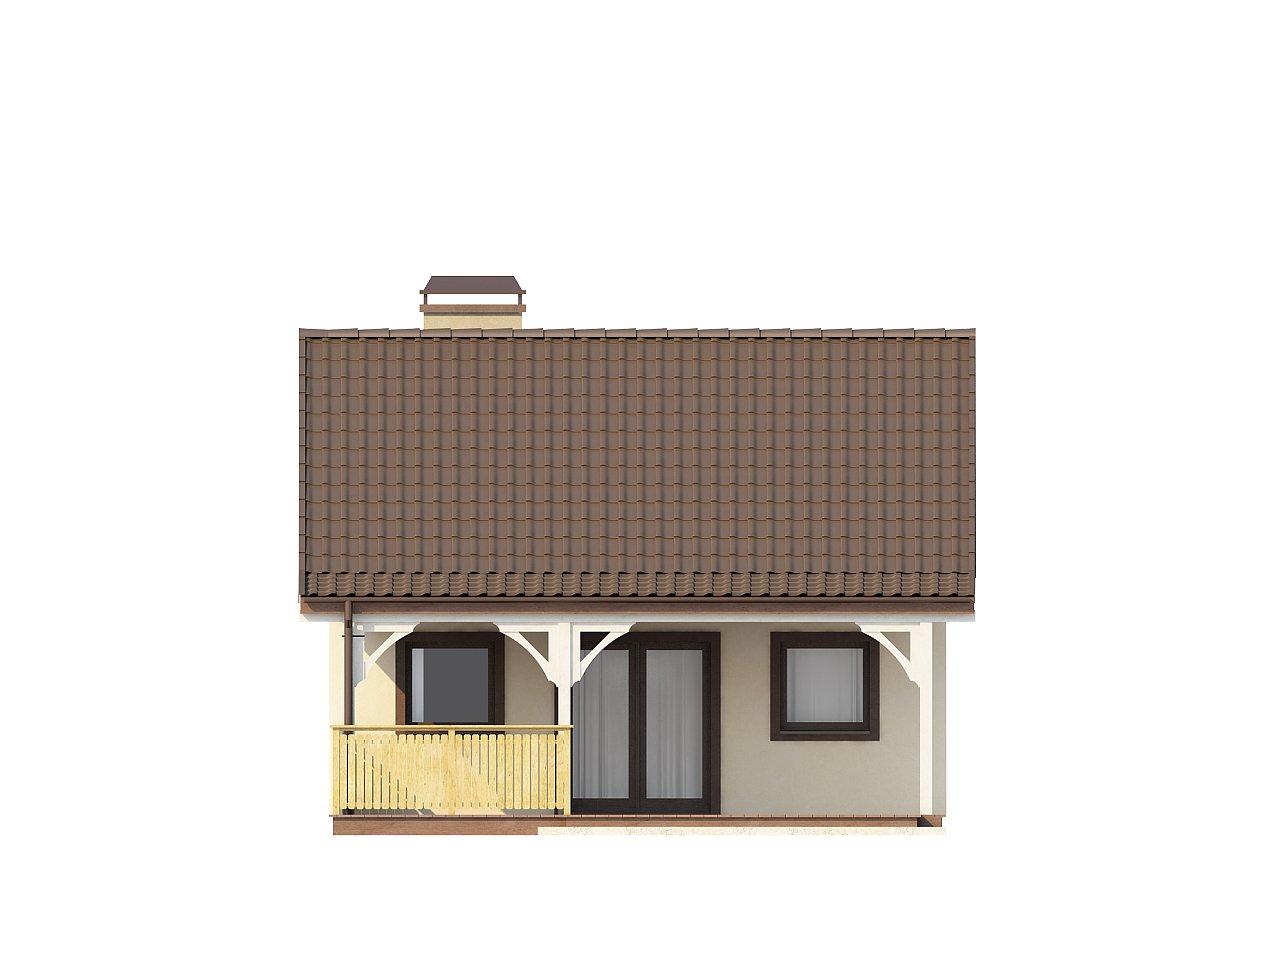 Выгодный в строительстве и эксплуатации маленький одноэтажный дом с крытой террасой. 12